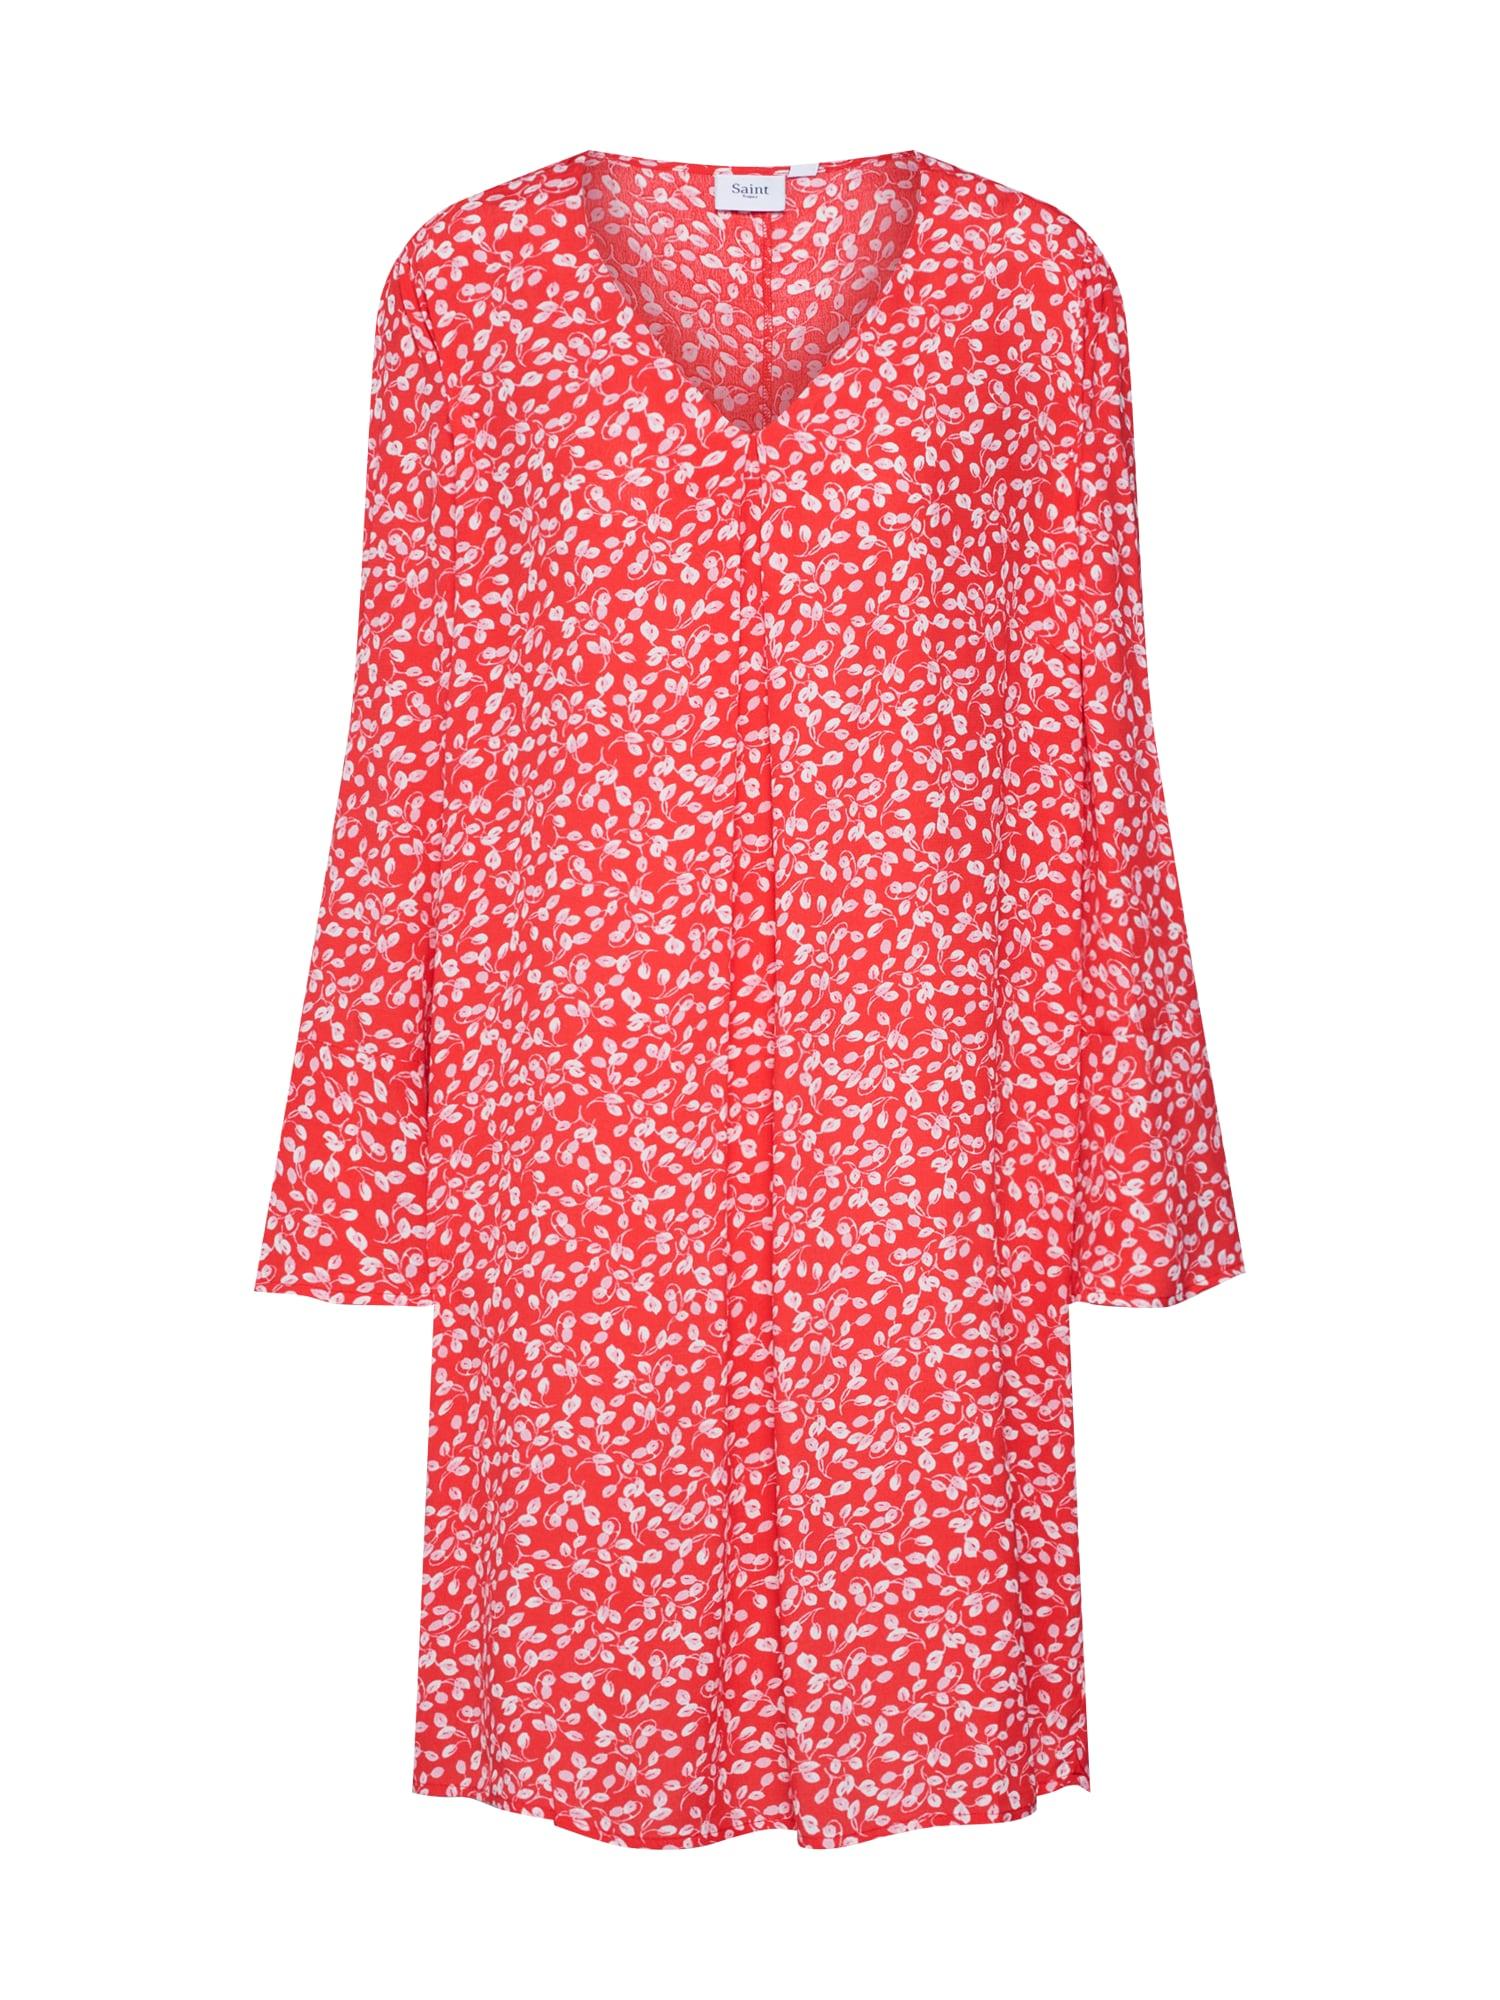 Šaty červená bílá SAINT TROPEZ